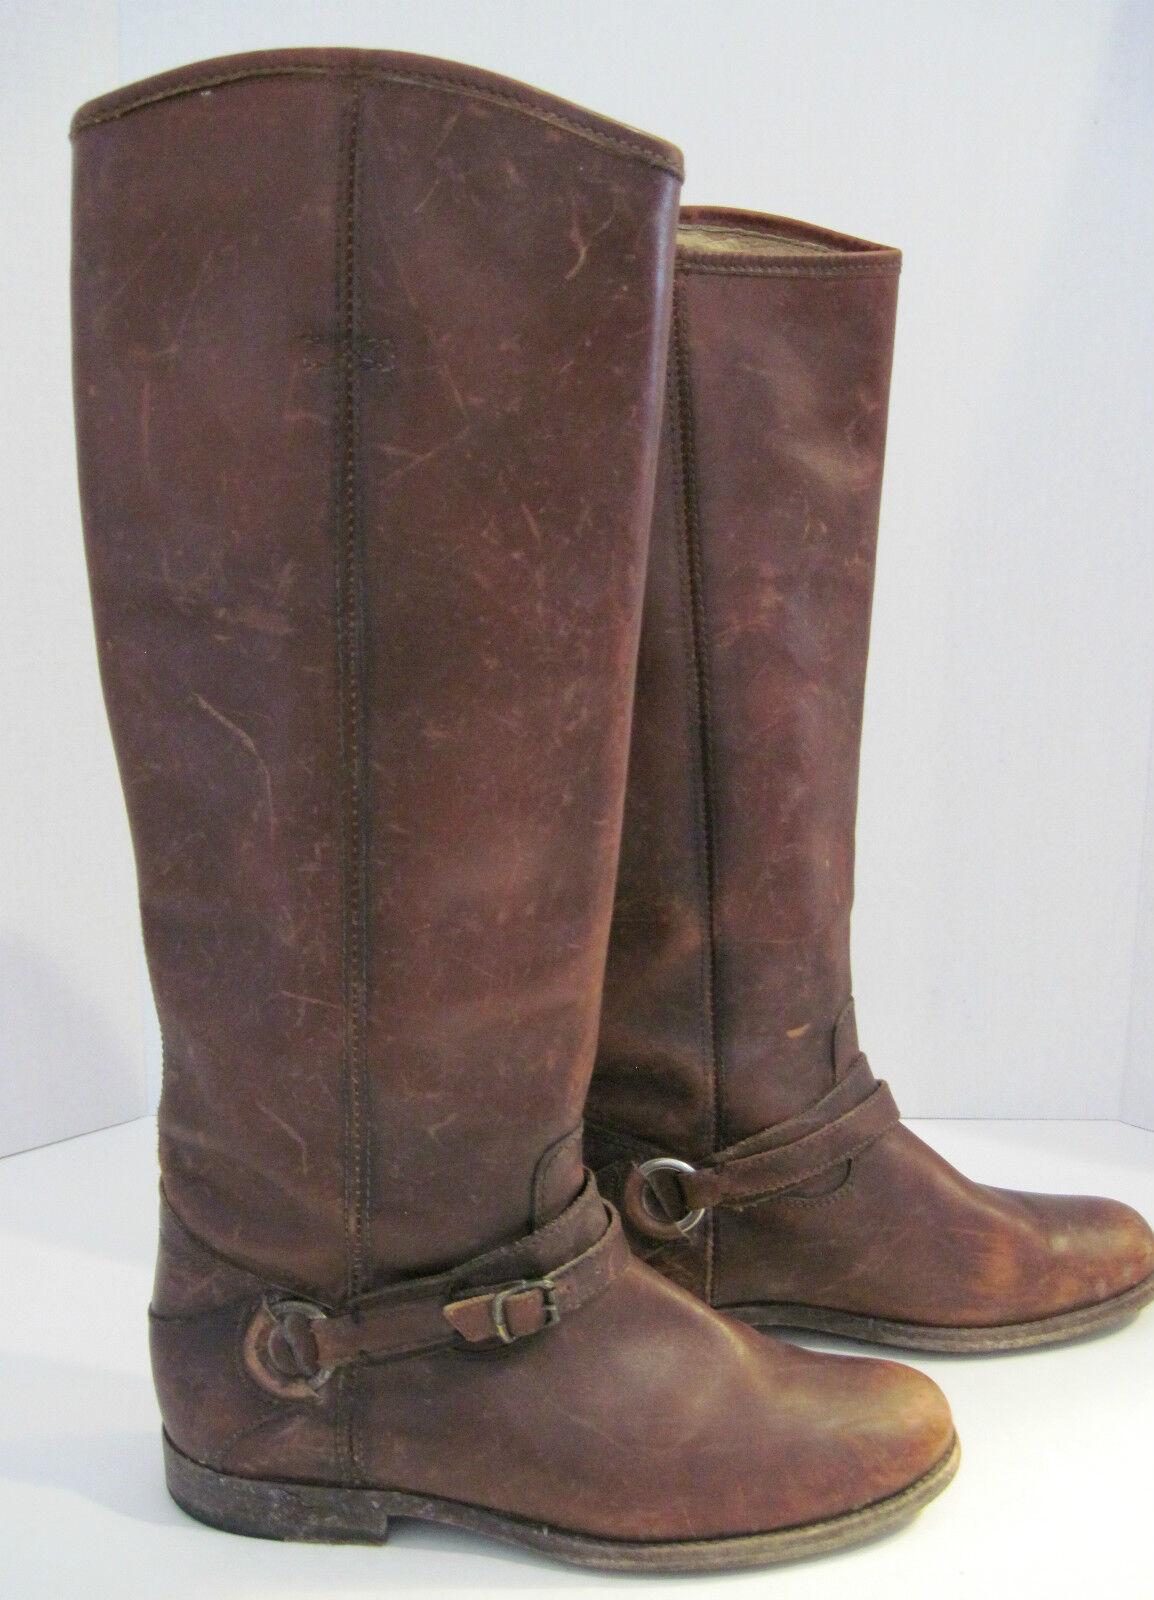 Empresa Frye angustiado marrón Cuero Hebilla arnés Caballo botas B